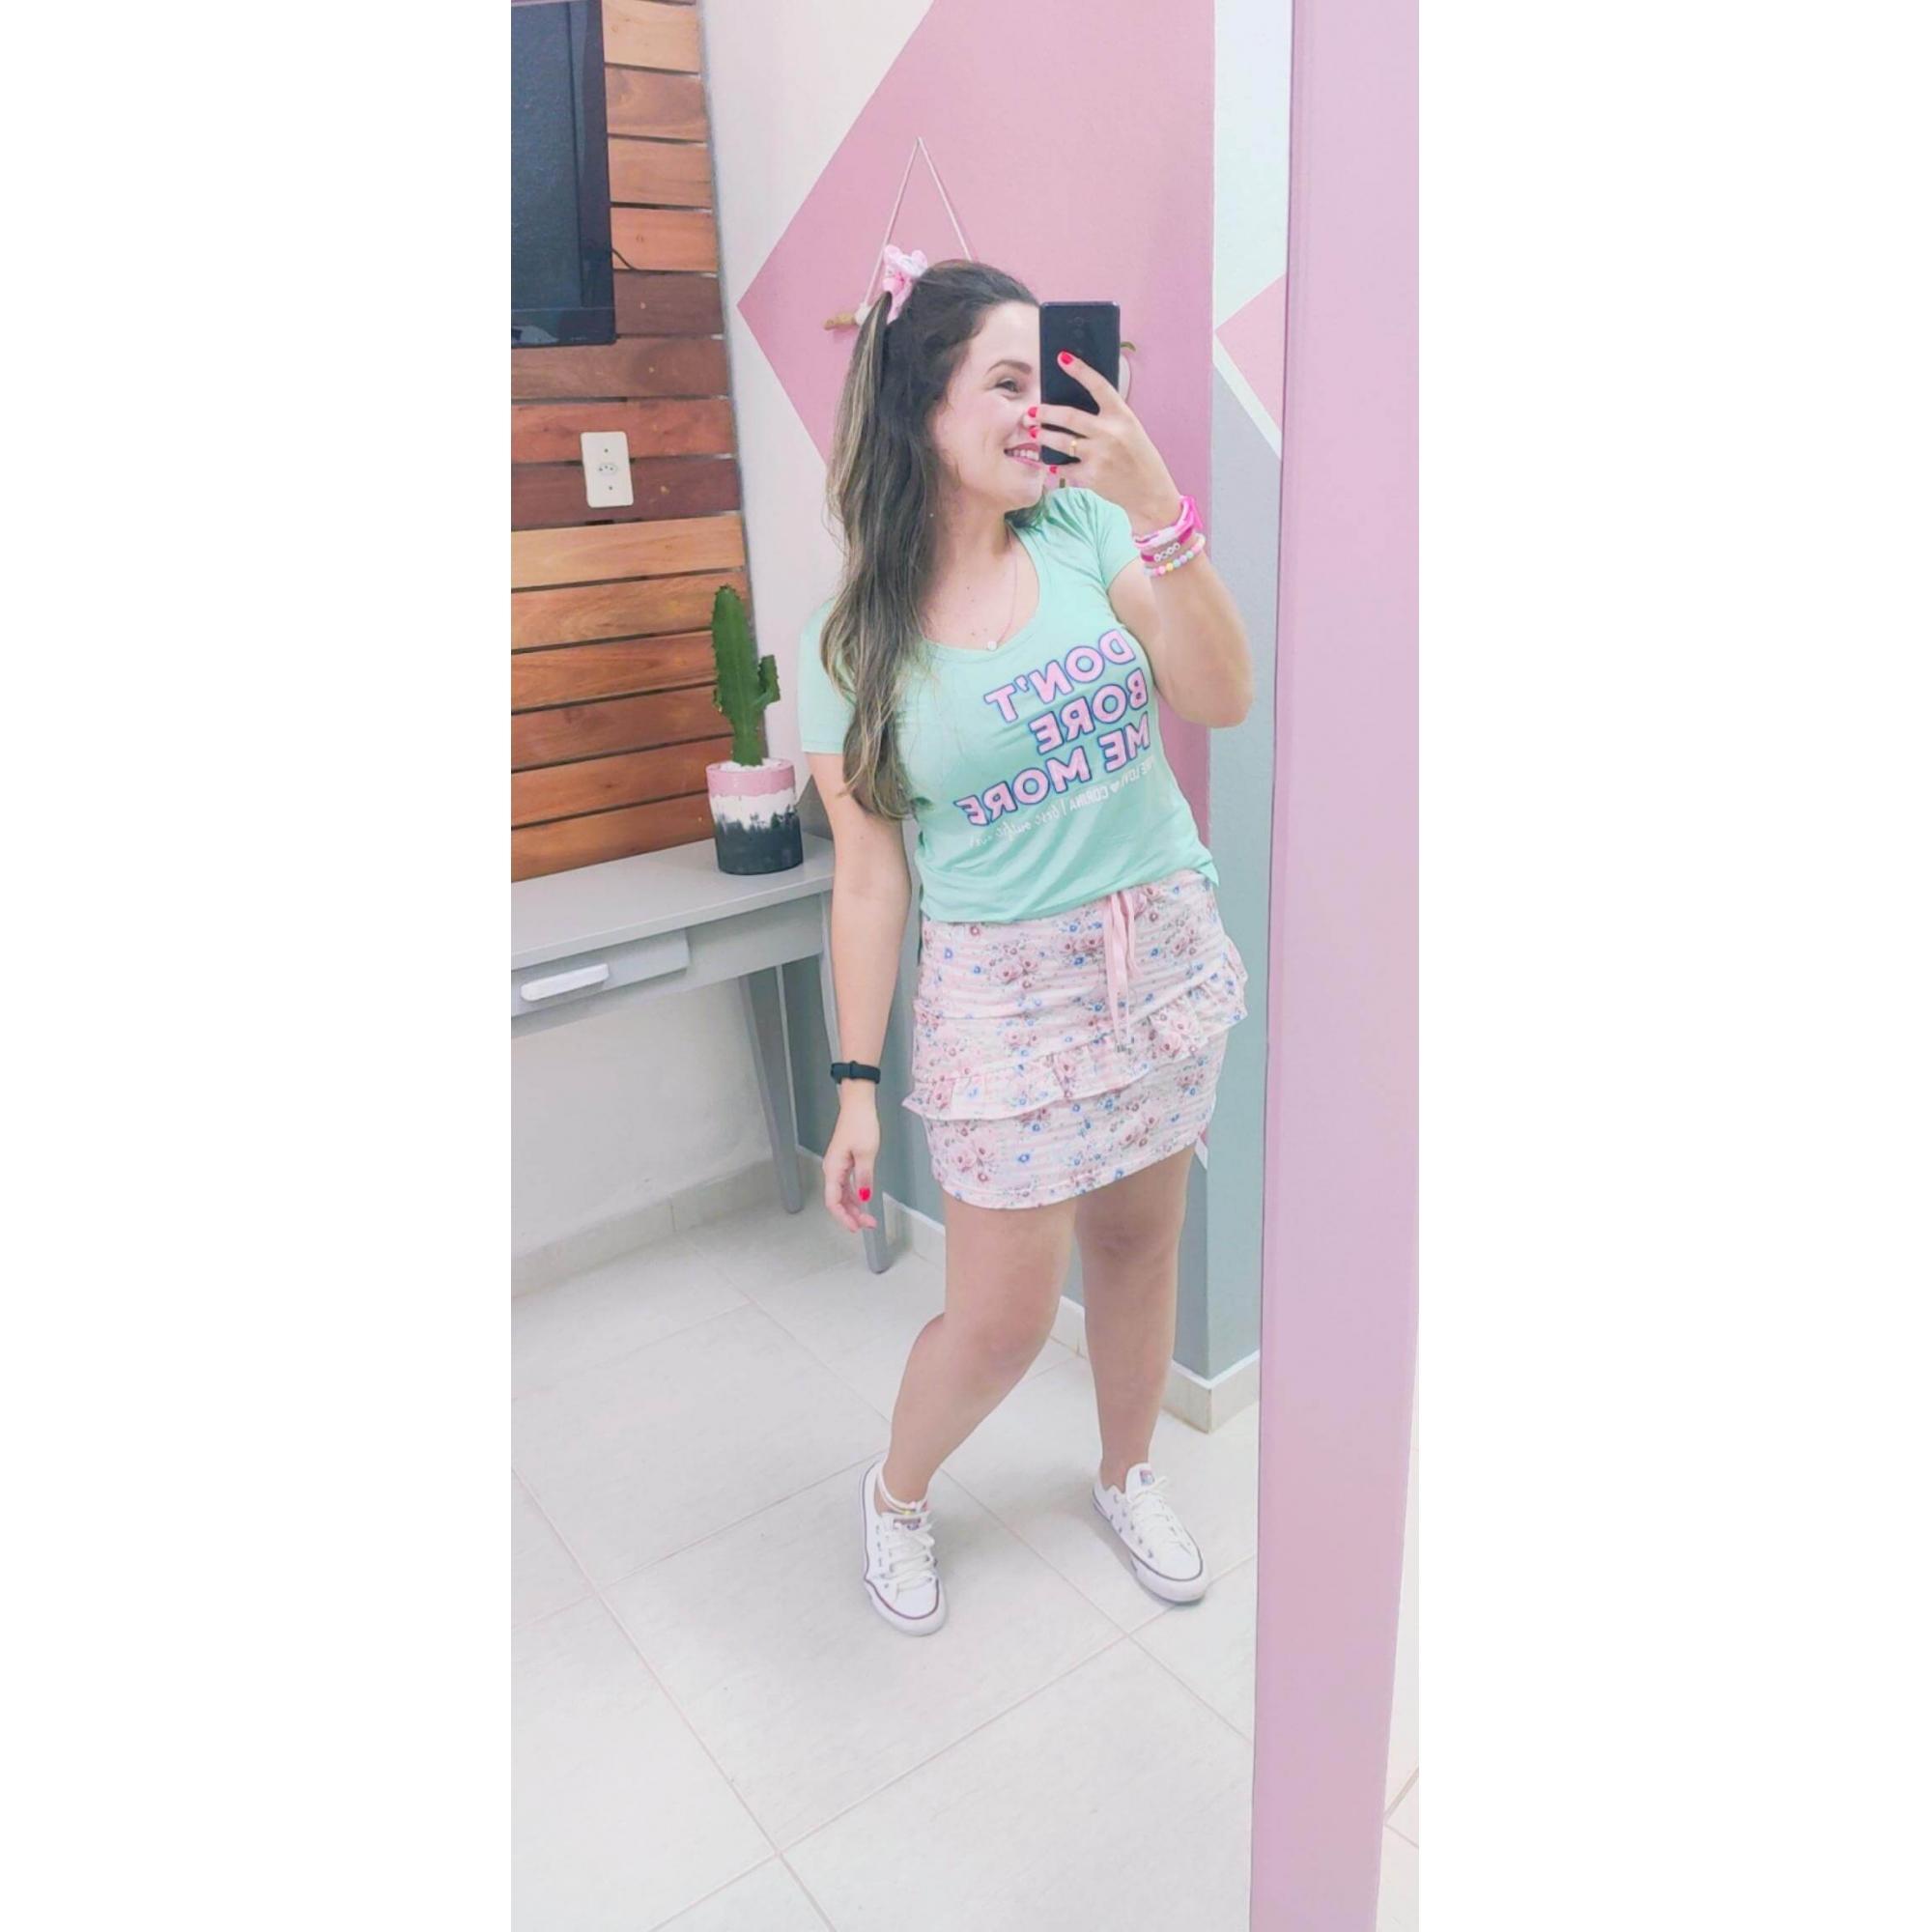 Corina T-Shirt Estampada Candy Color - Verde Candy - TAMANHO M